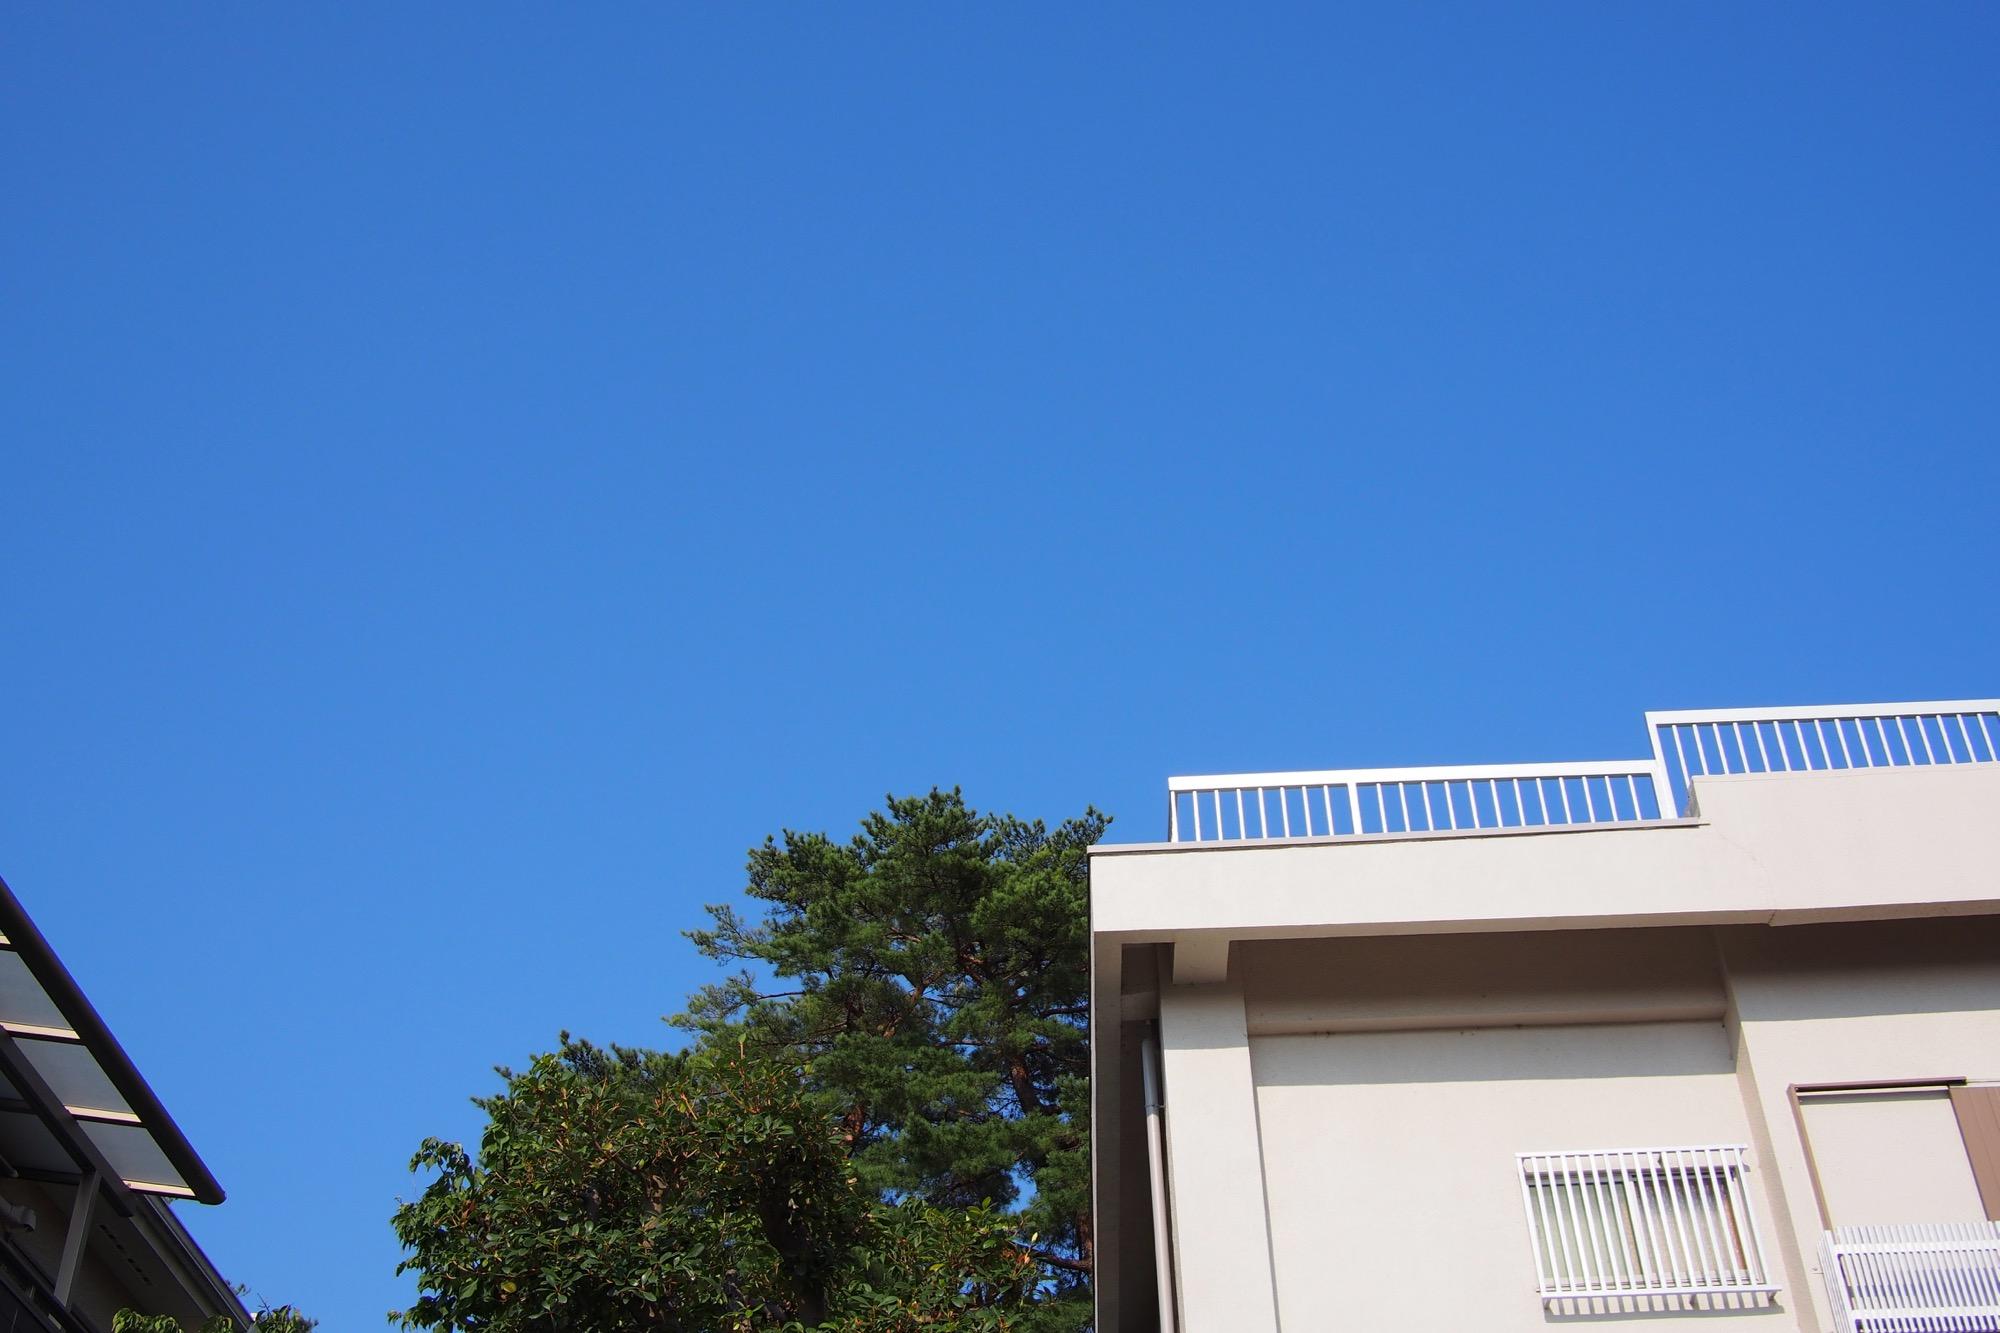 暑いけど青空は気持ちいい